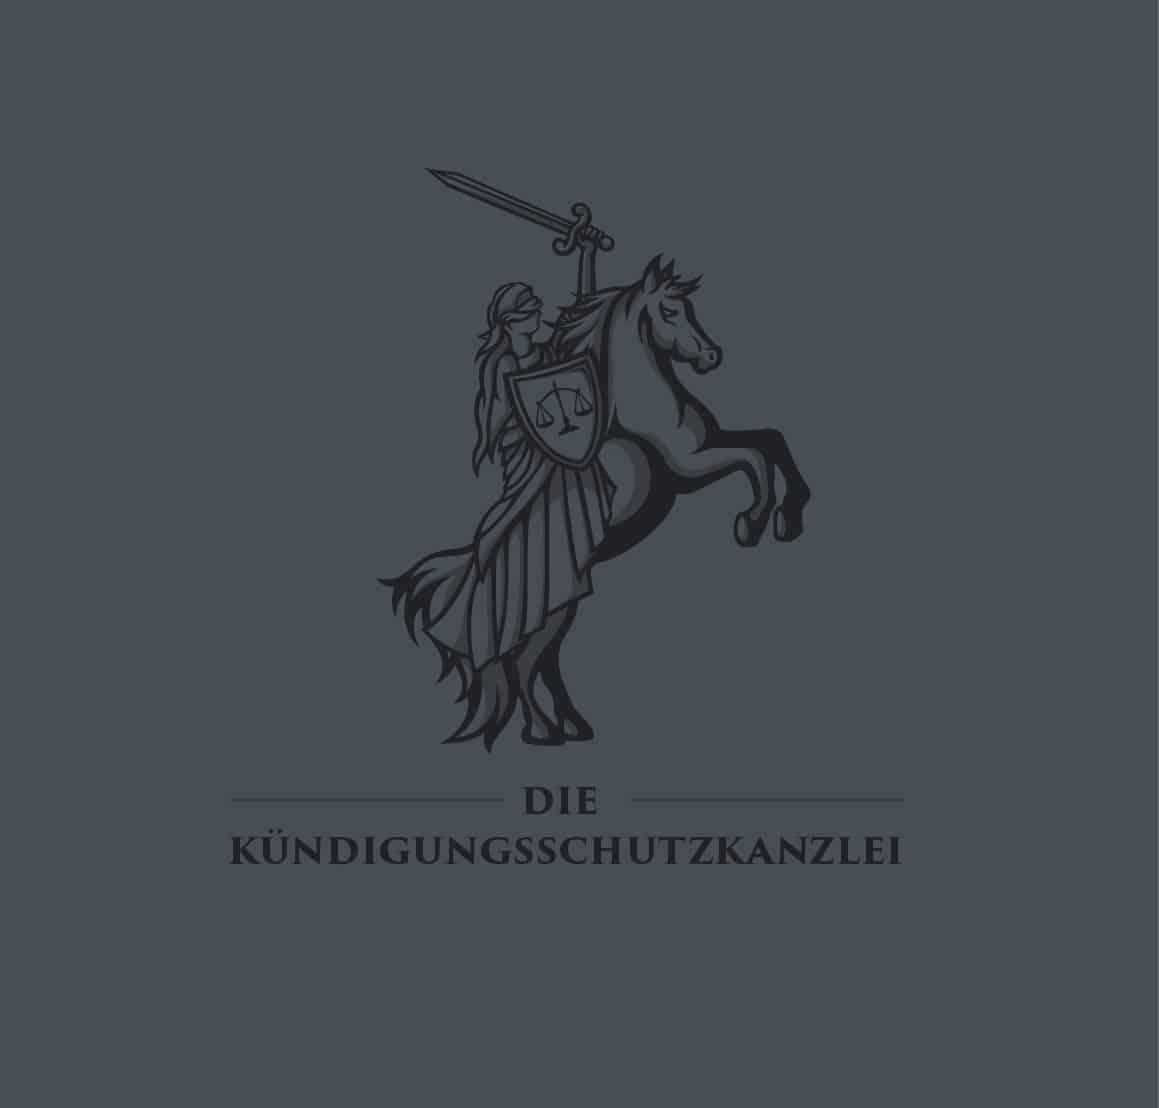 Logo Design Die Kündigungsschutzkanzlei auf dunklem Hintergrund in Dunkelgrau